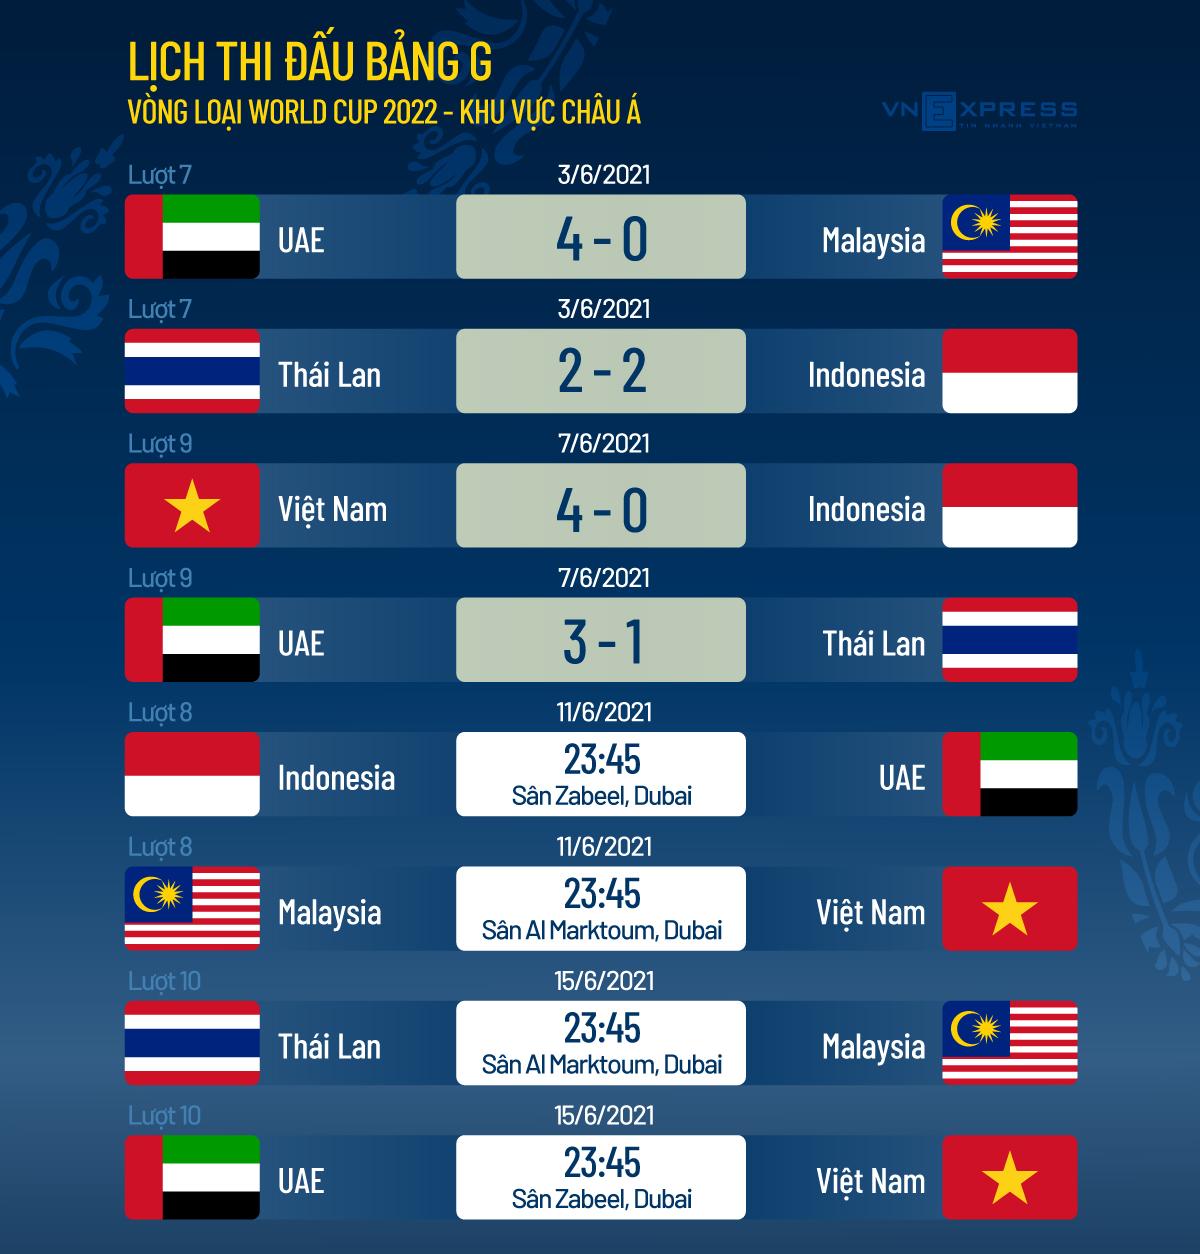 หนังสือพิมพ์โบลา: เวียดนามสังหารหมู่อินโดนีเซีย 4-0 - 2